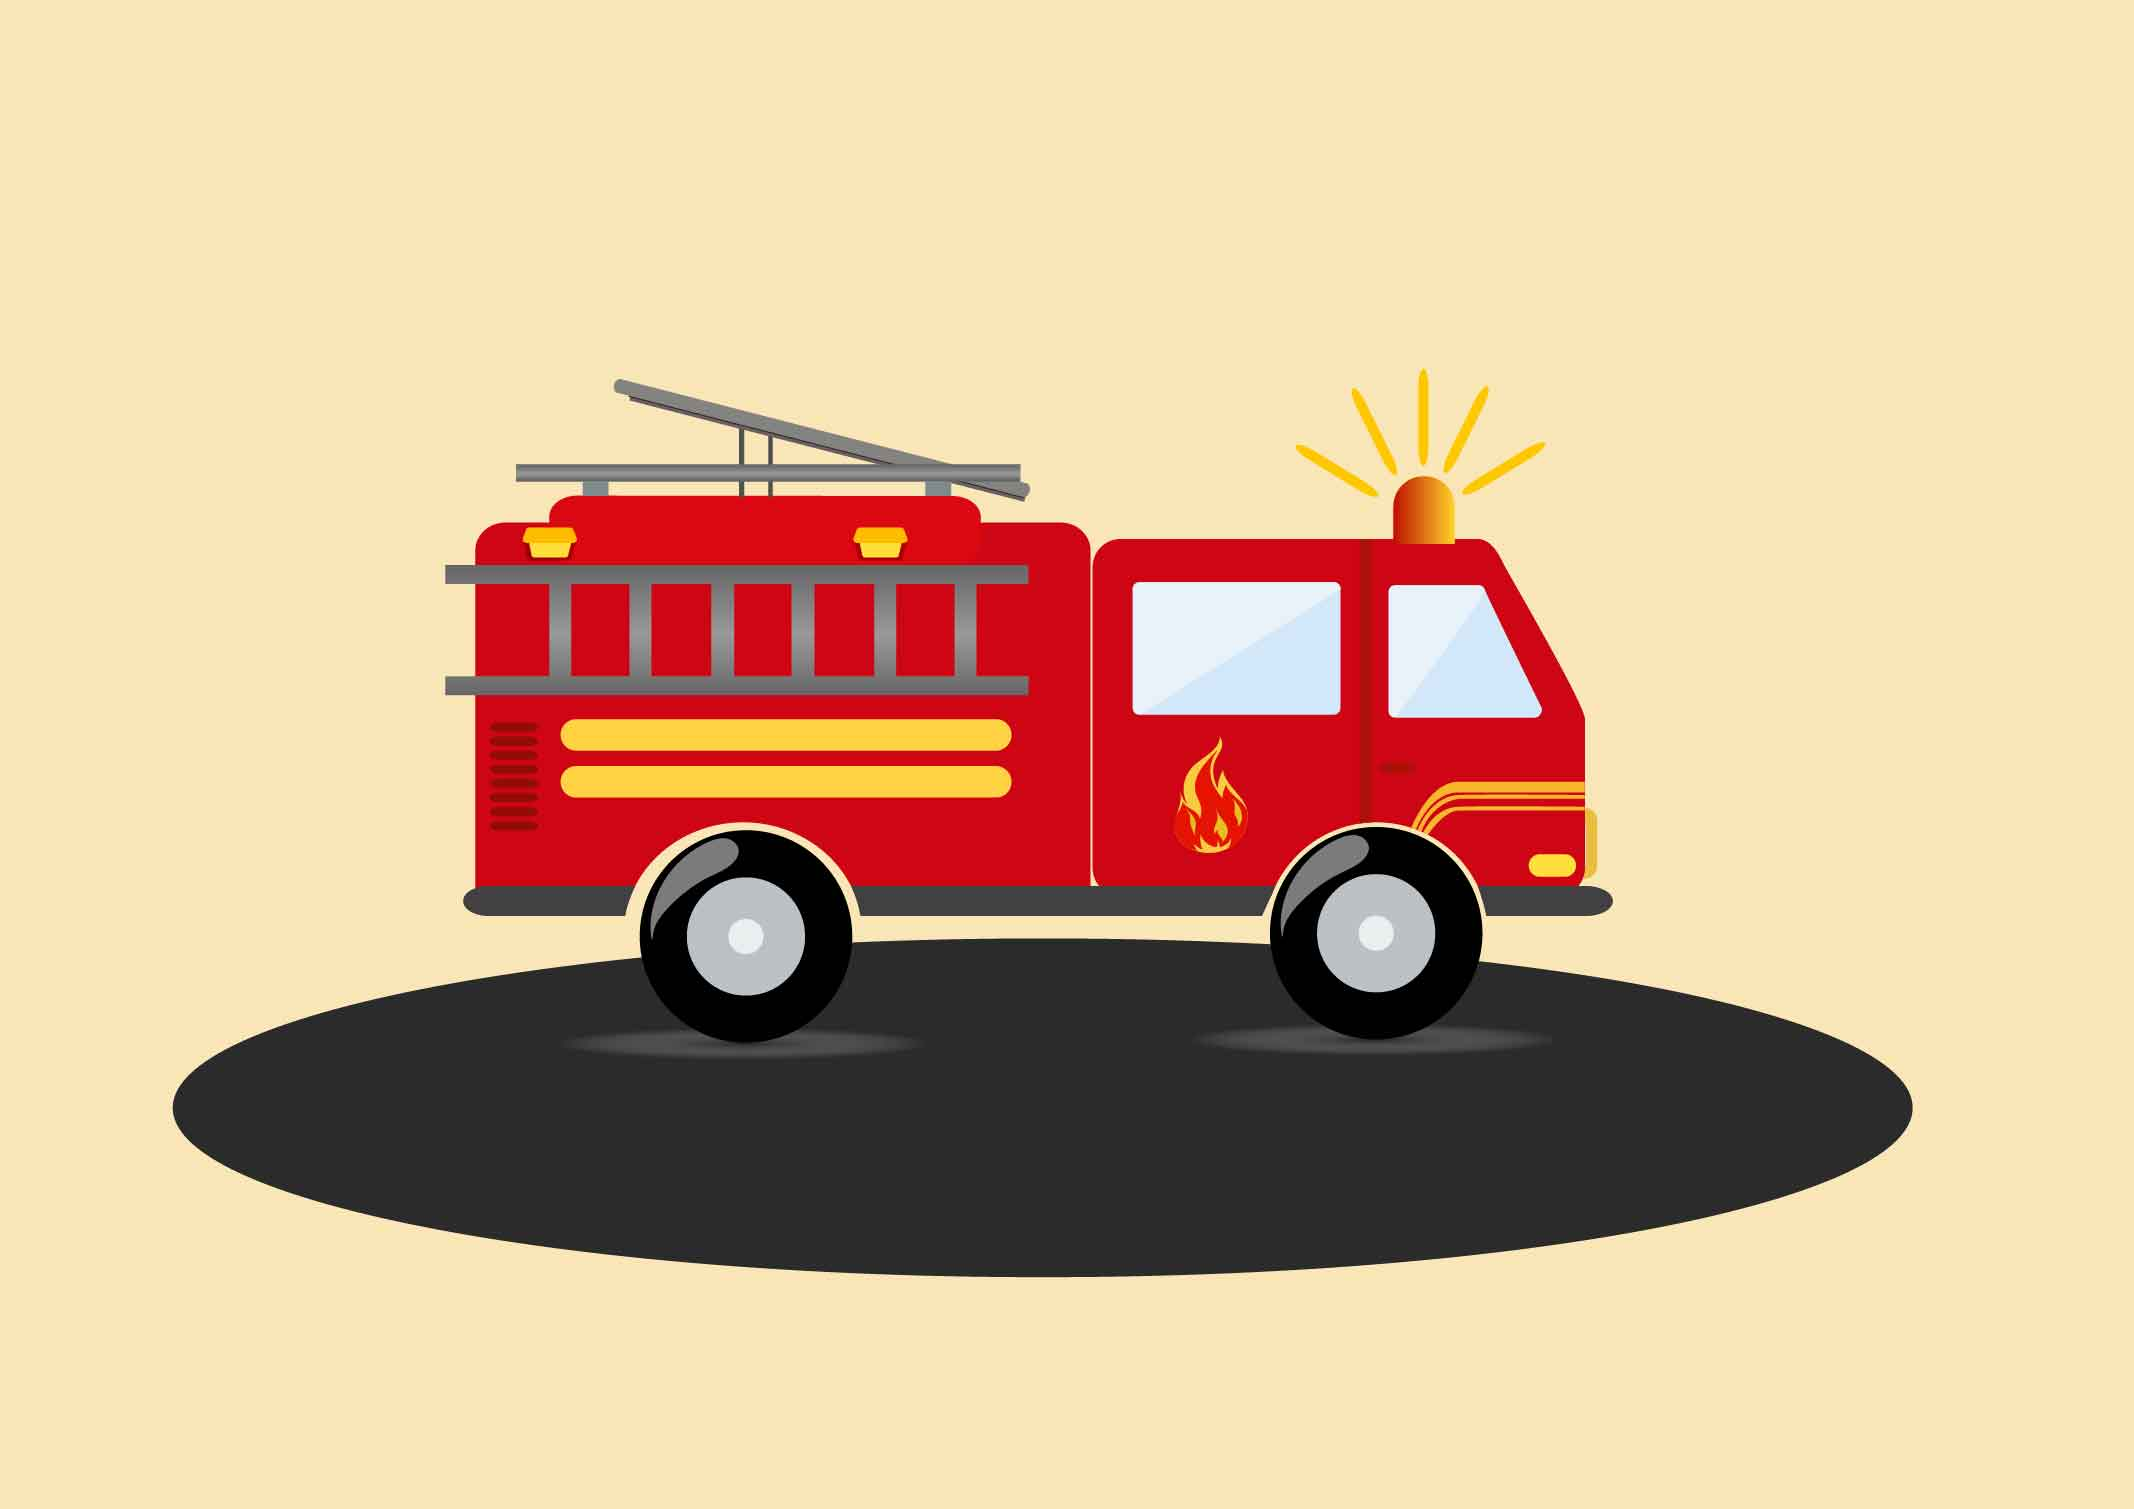 消防工程师证书领取_消防工程师证书领取时间_2019年消防工程师证书领取